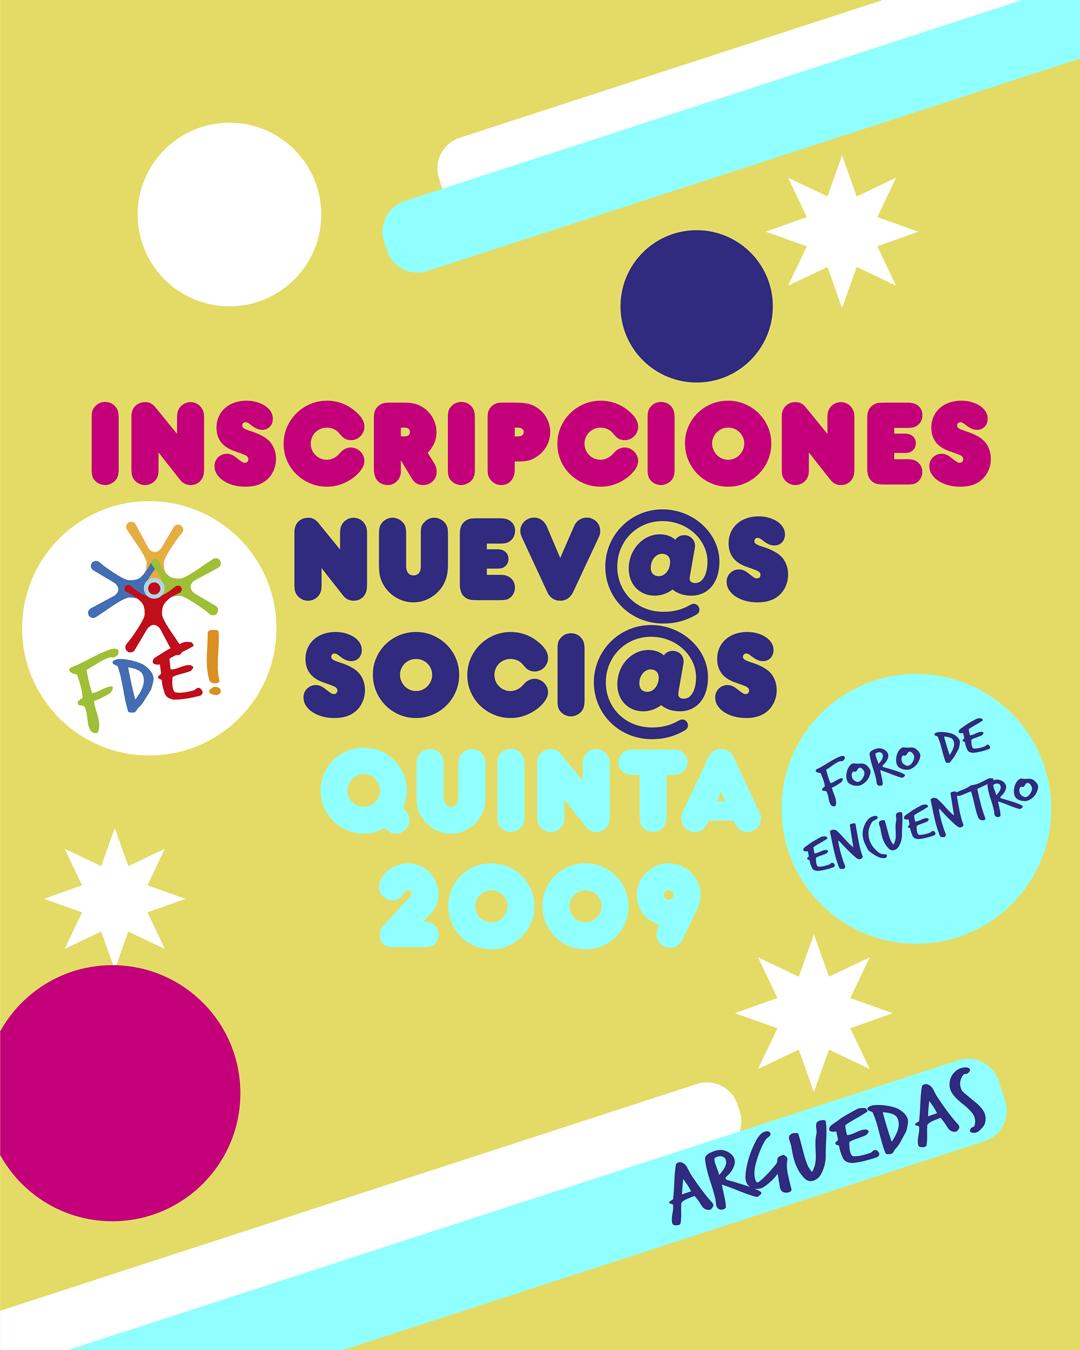 Foro-de-Encuentro-Inscripciones-2020